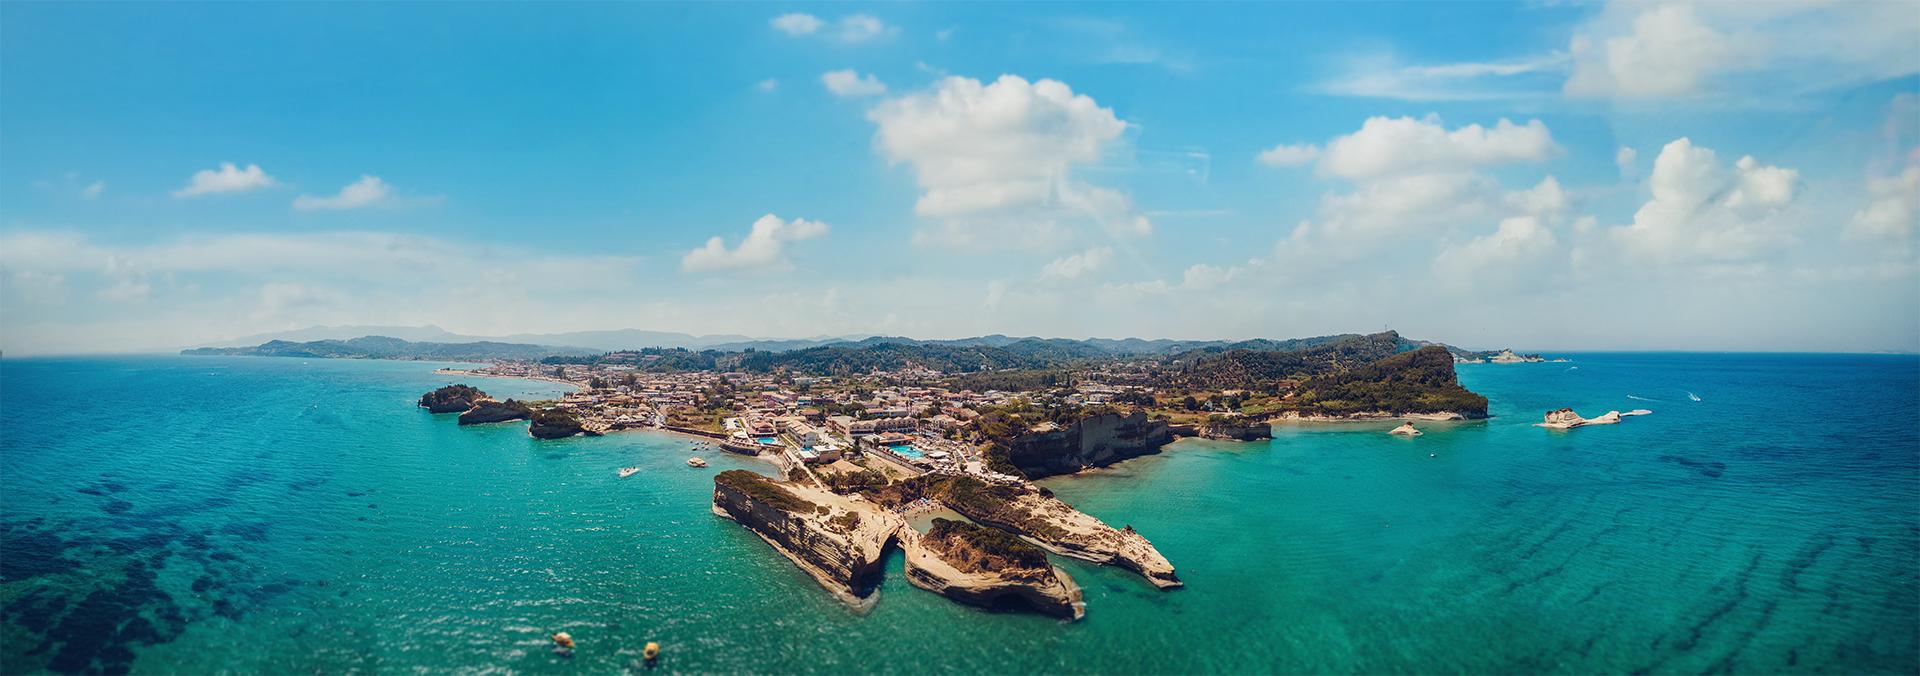 Zdjęcia z Korfu - Grecja